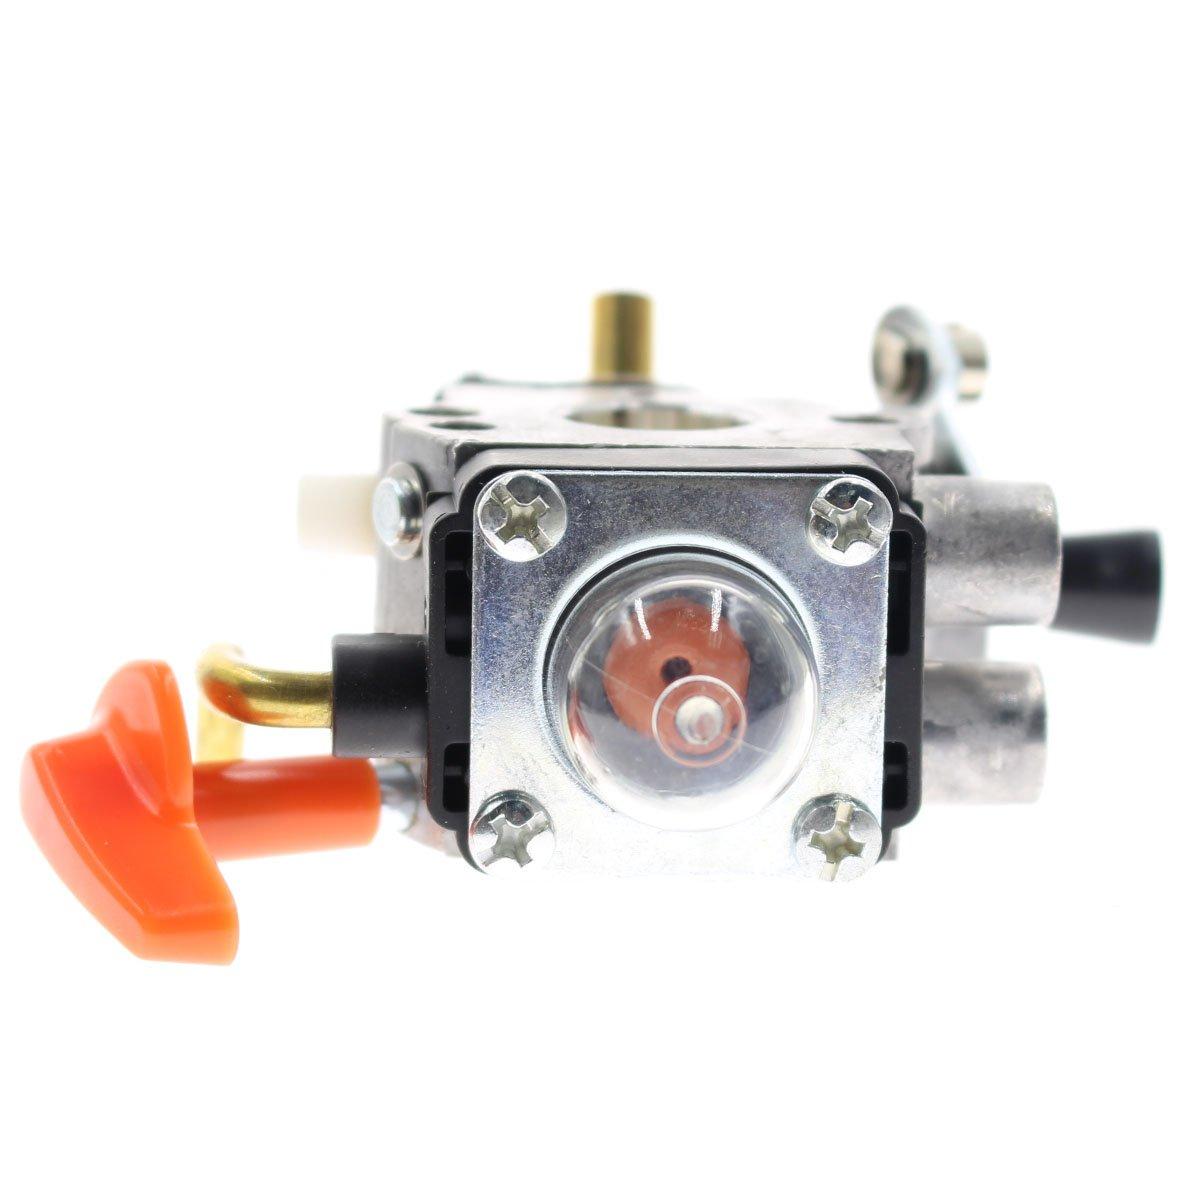 Edelstahl KF25-13 Flansch zu 12.7 mm Schlauchanschluss Adapter fuer Vakuum X7J8